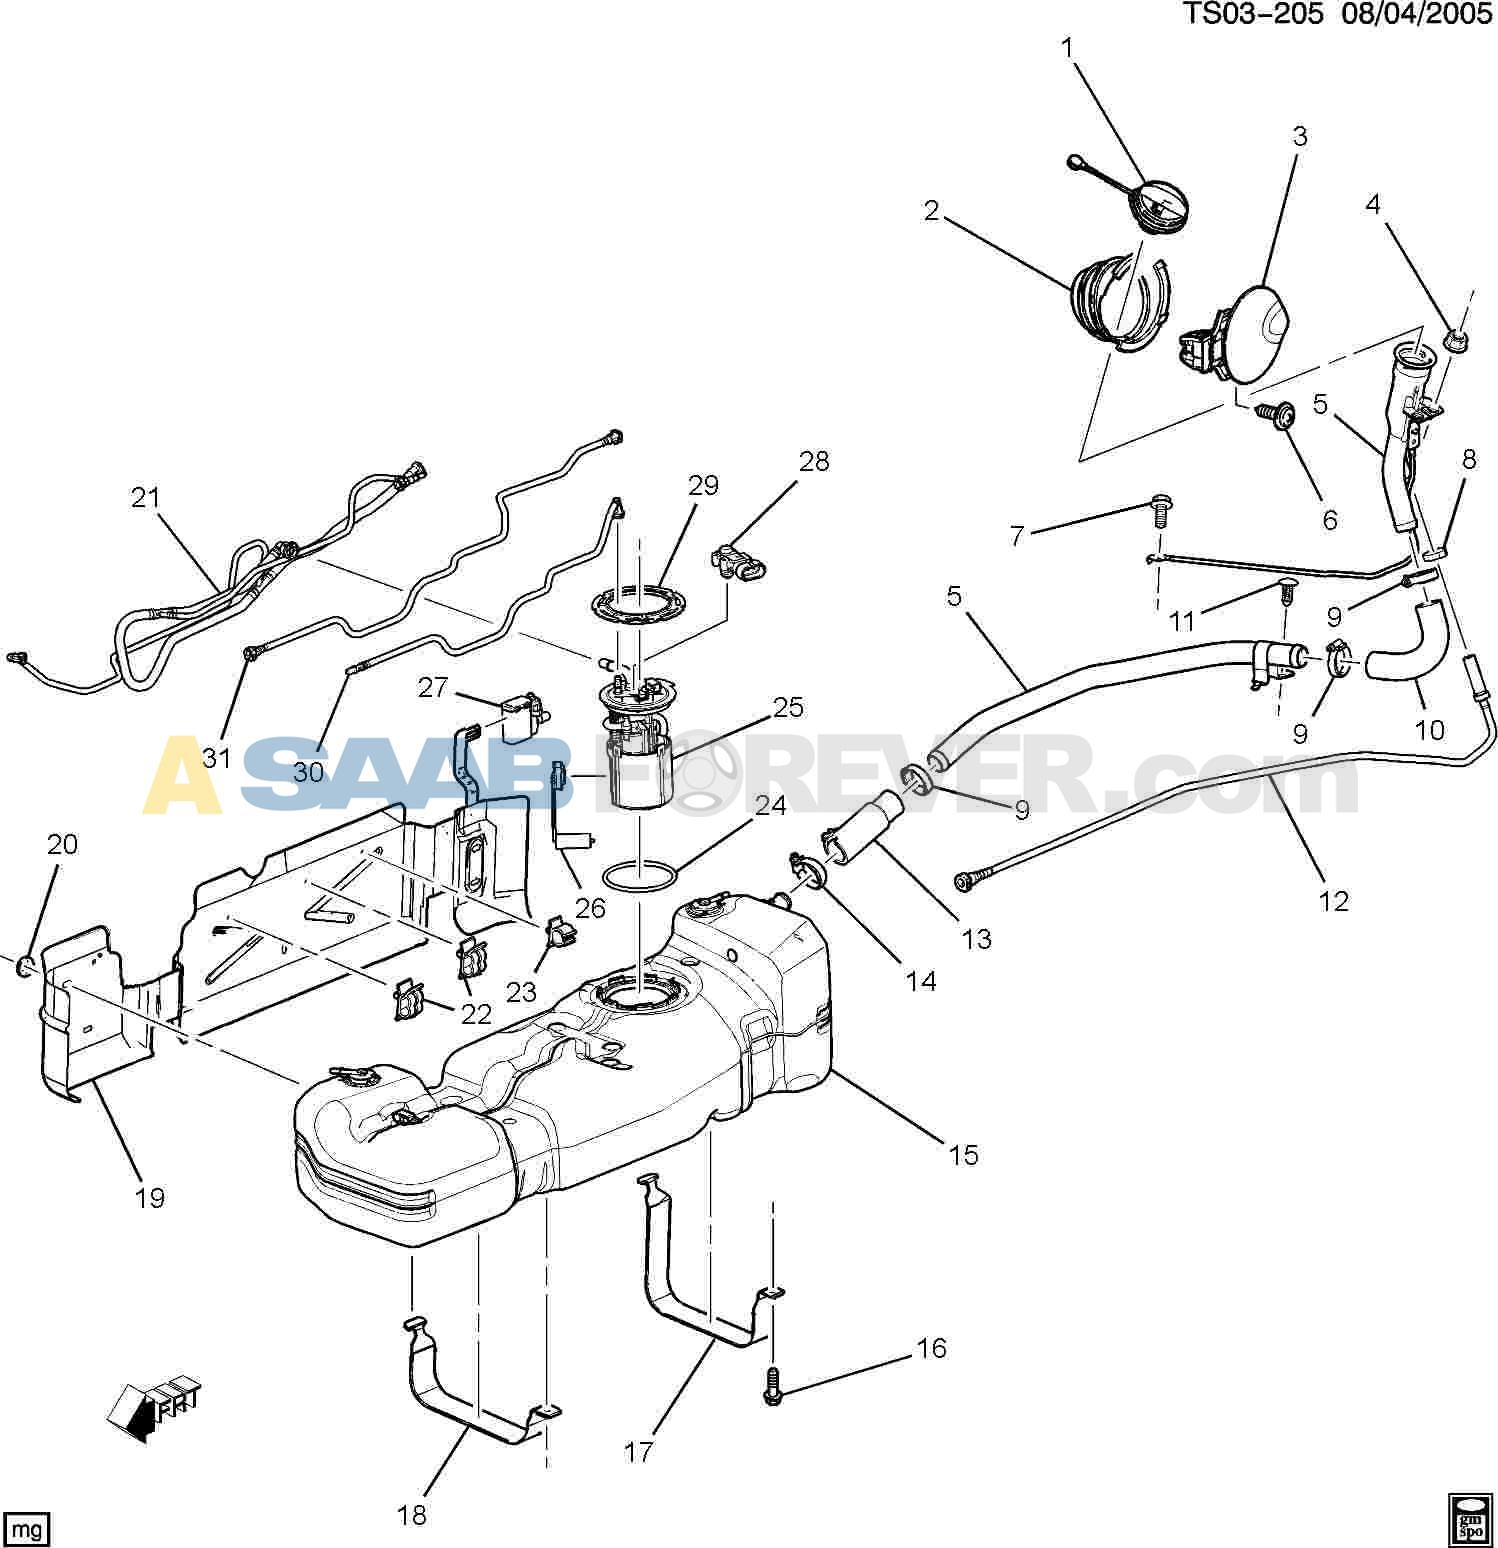 SAAB Manual Trans Shift Knob Emblem (5 Speed